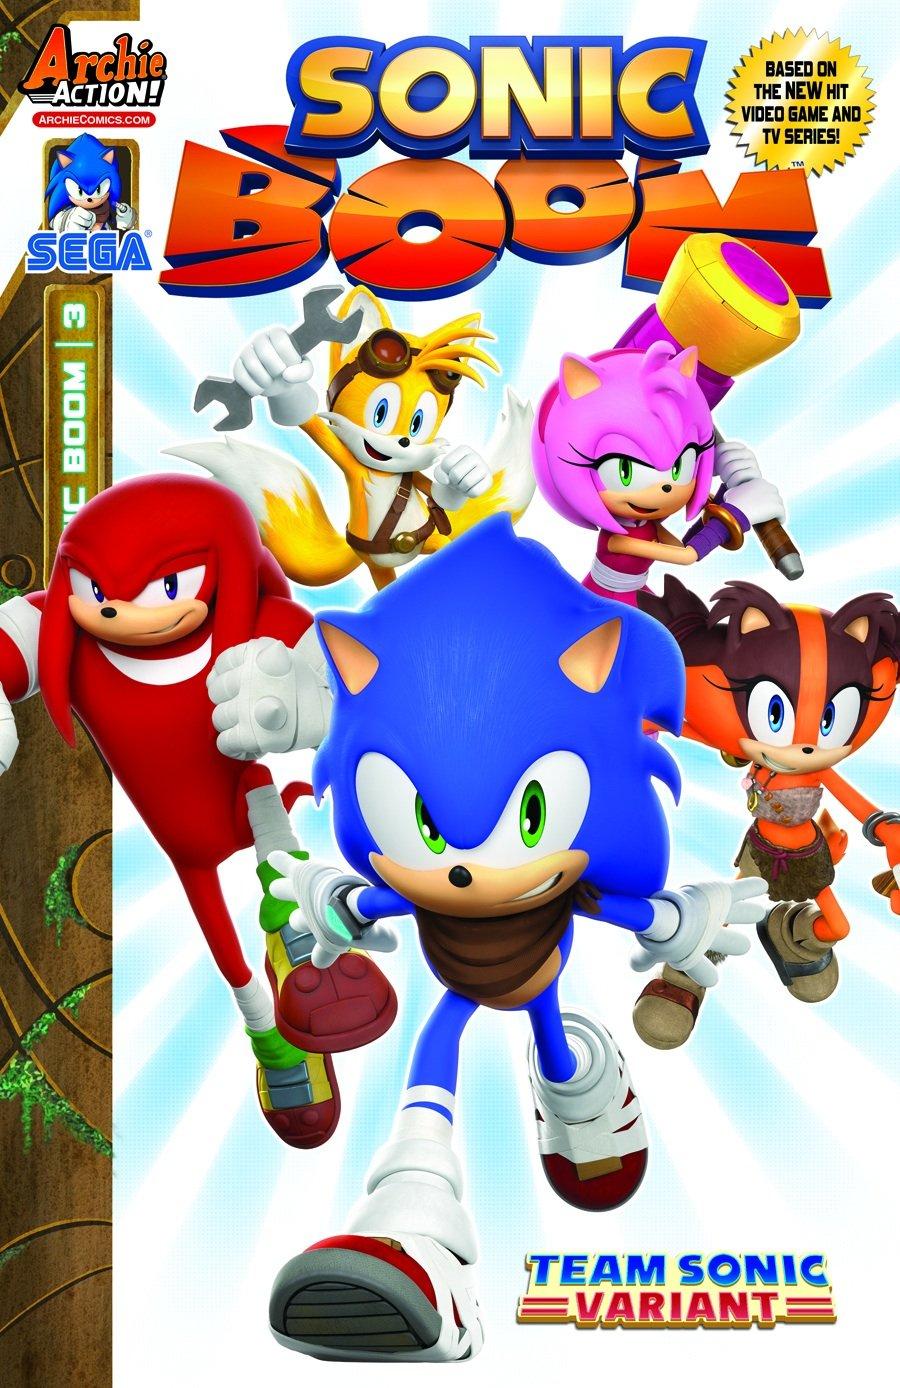 Sonic Boom 003 (February 2015) (Team Sonic variant)